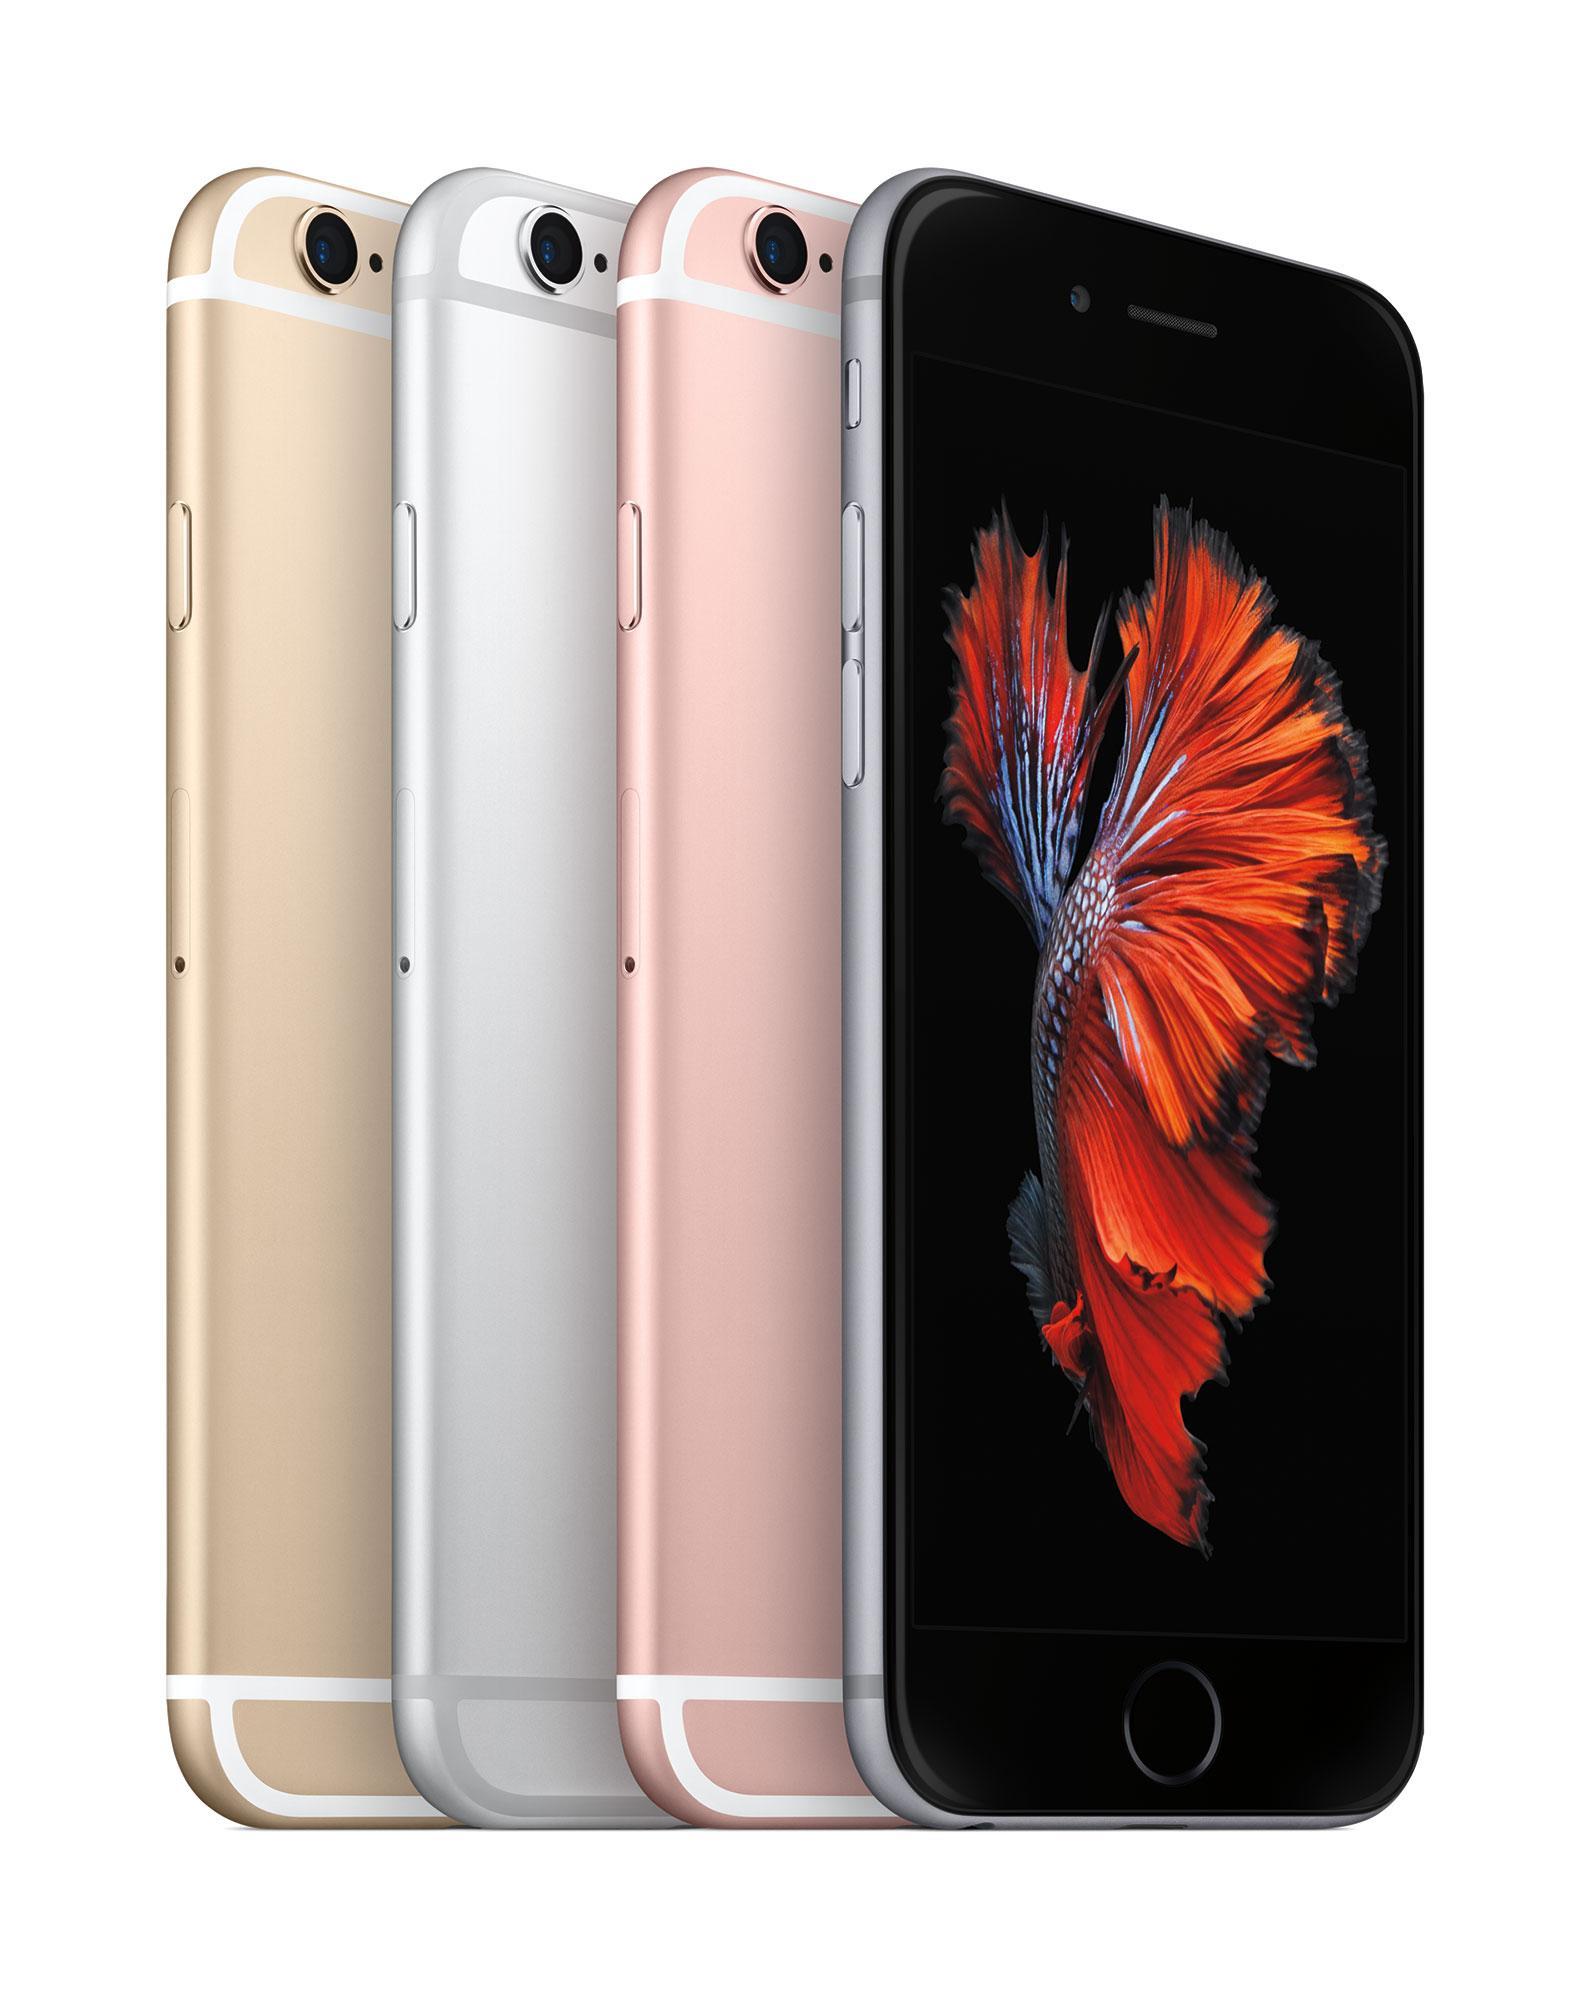 iPhone 6s en color oro, gris, rosa y plata